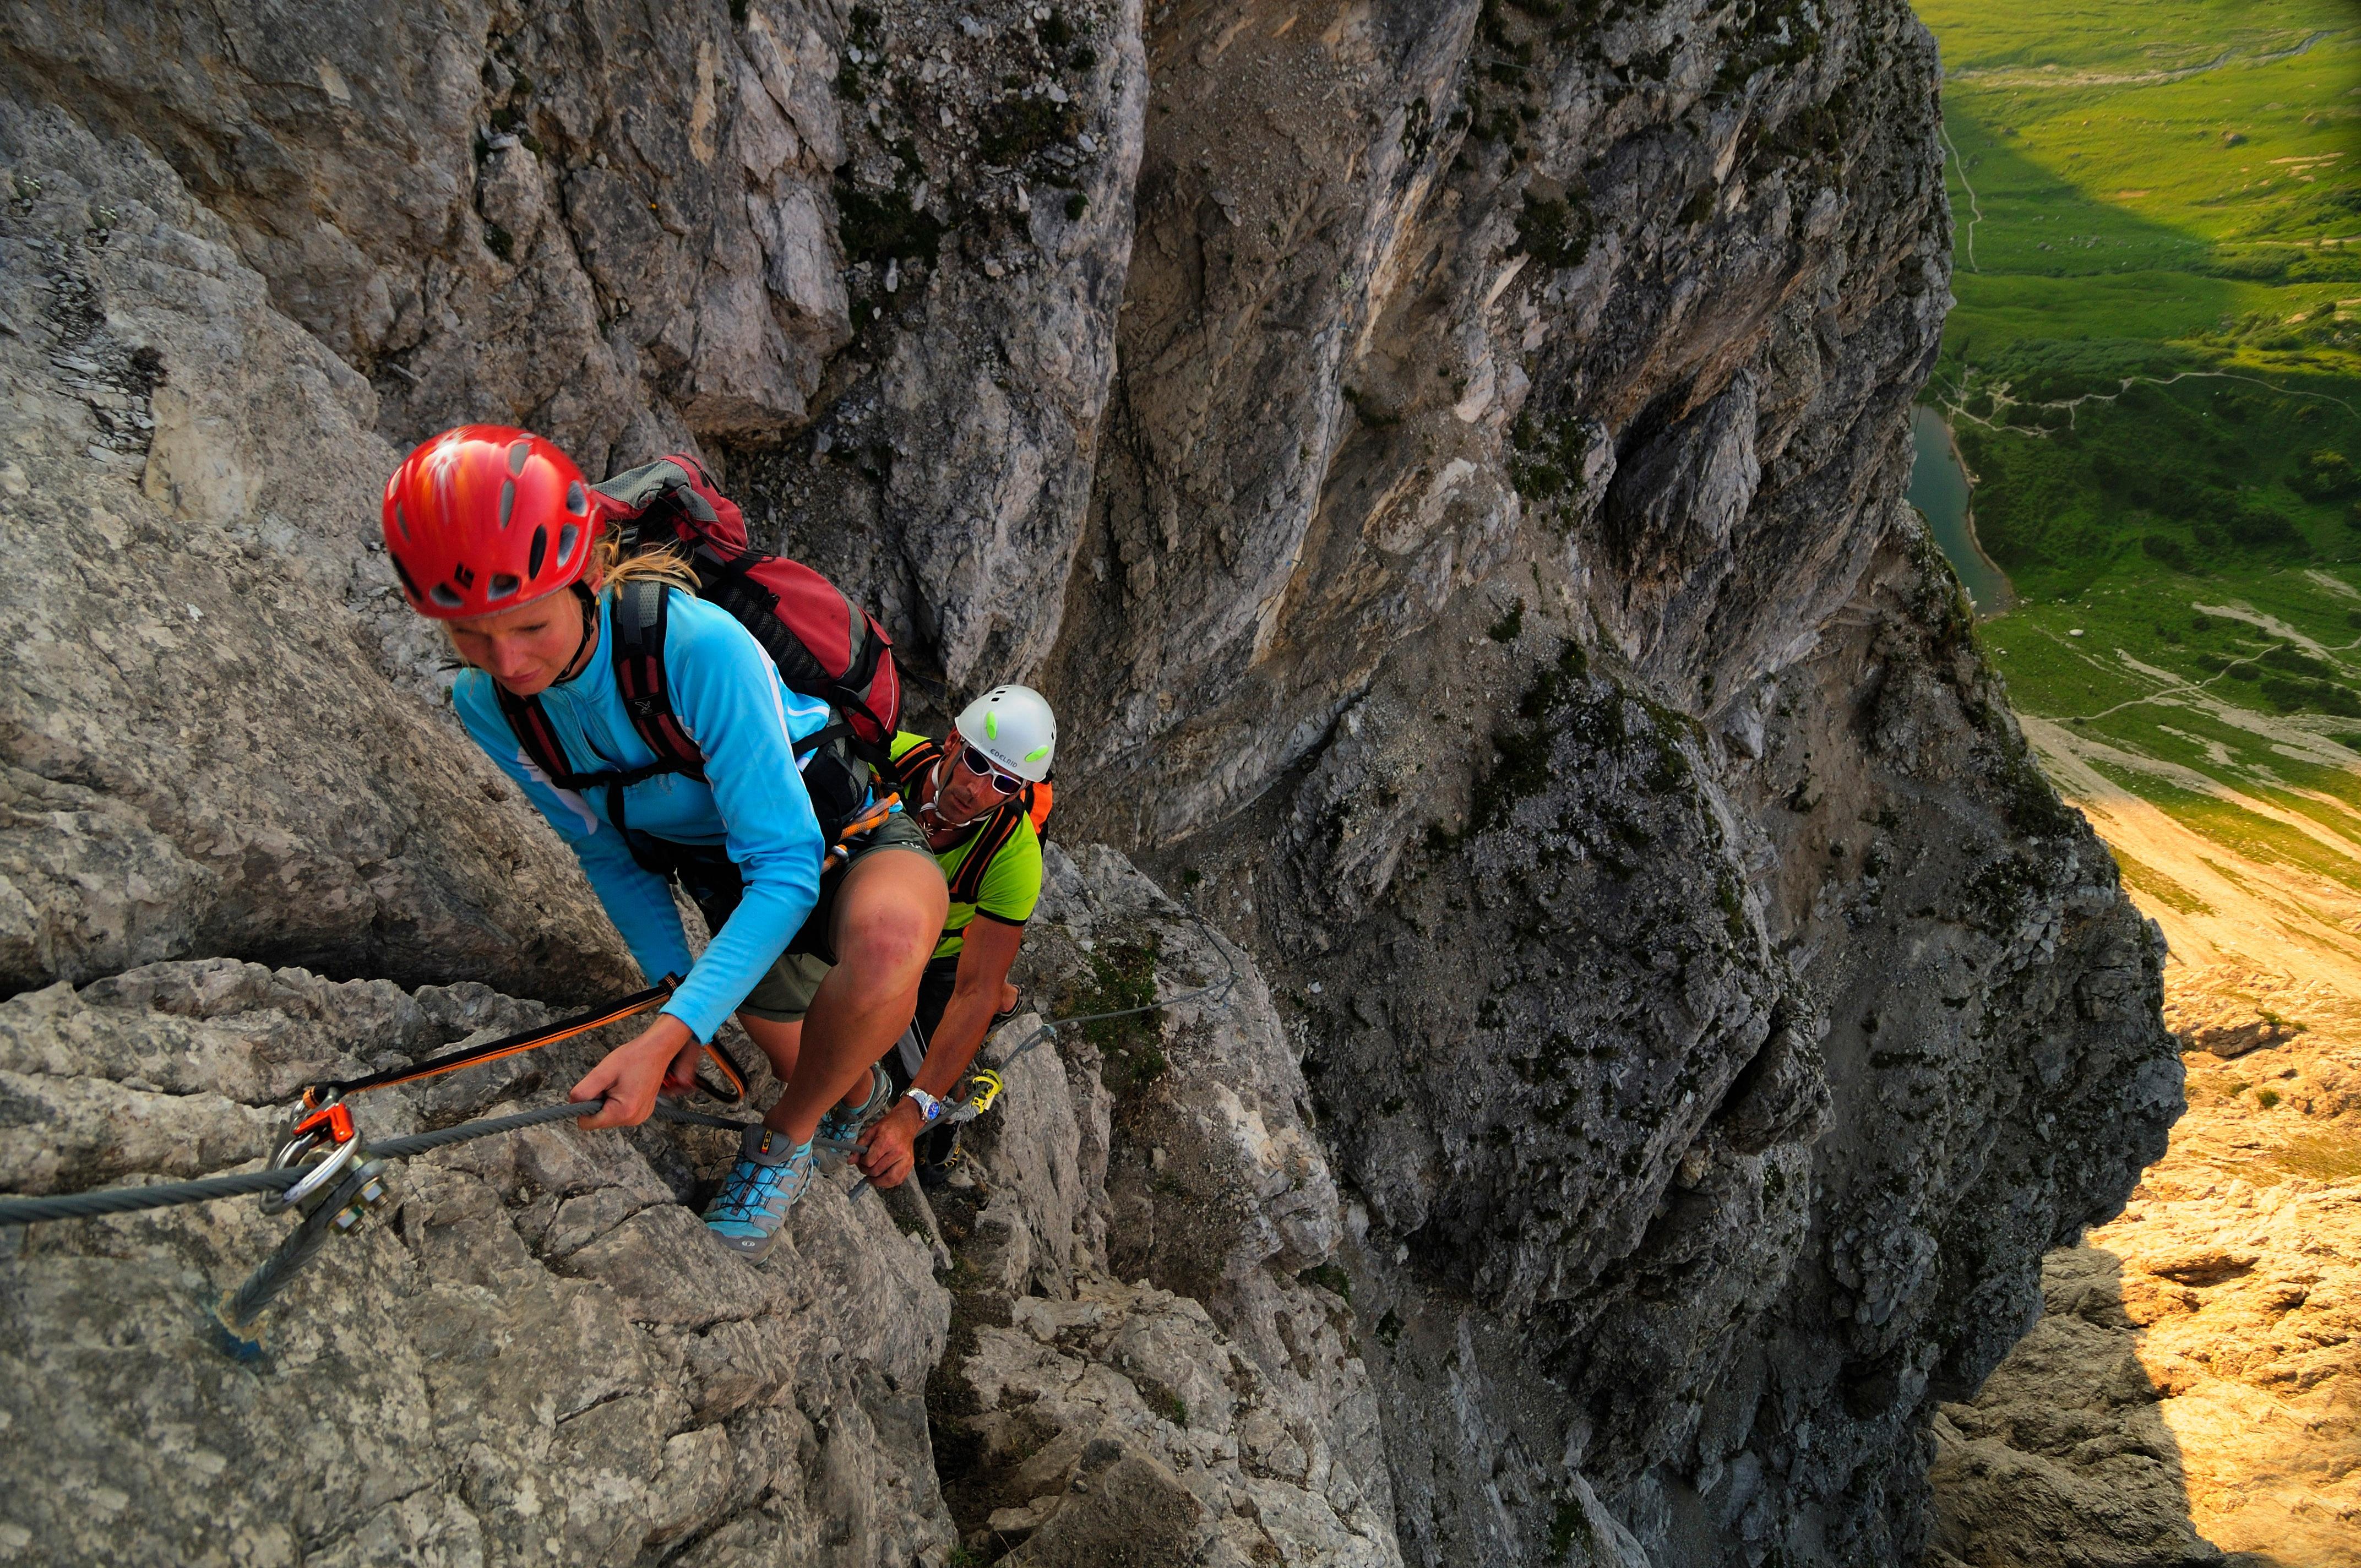 Klettersteig Lachenspitze Bilder : File klettersteig an der lachenspitze g wikimedia commons